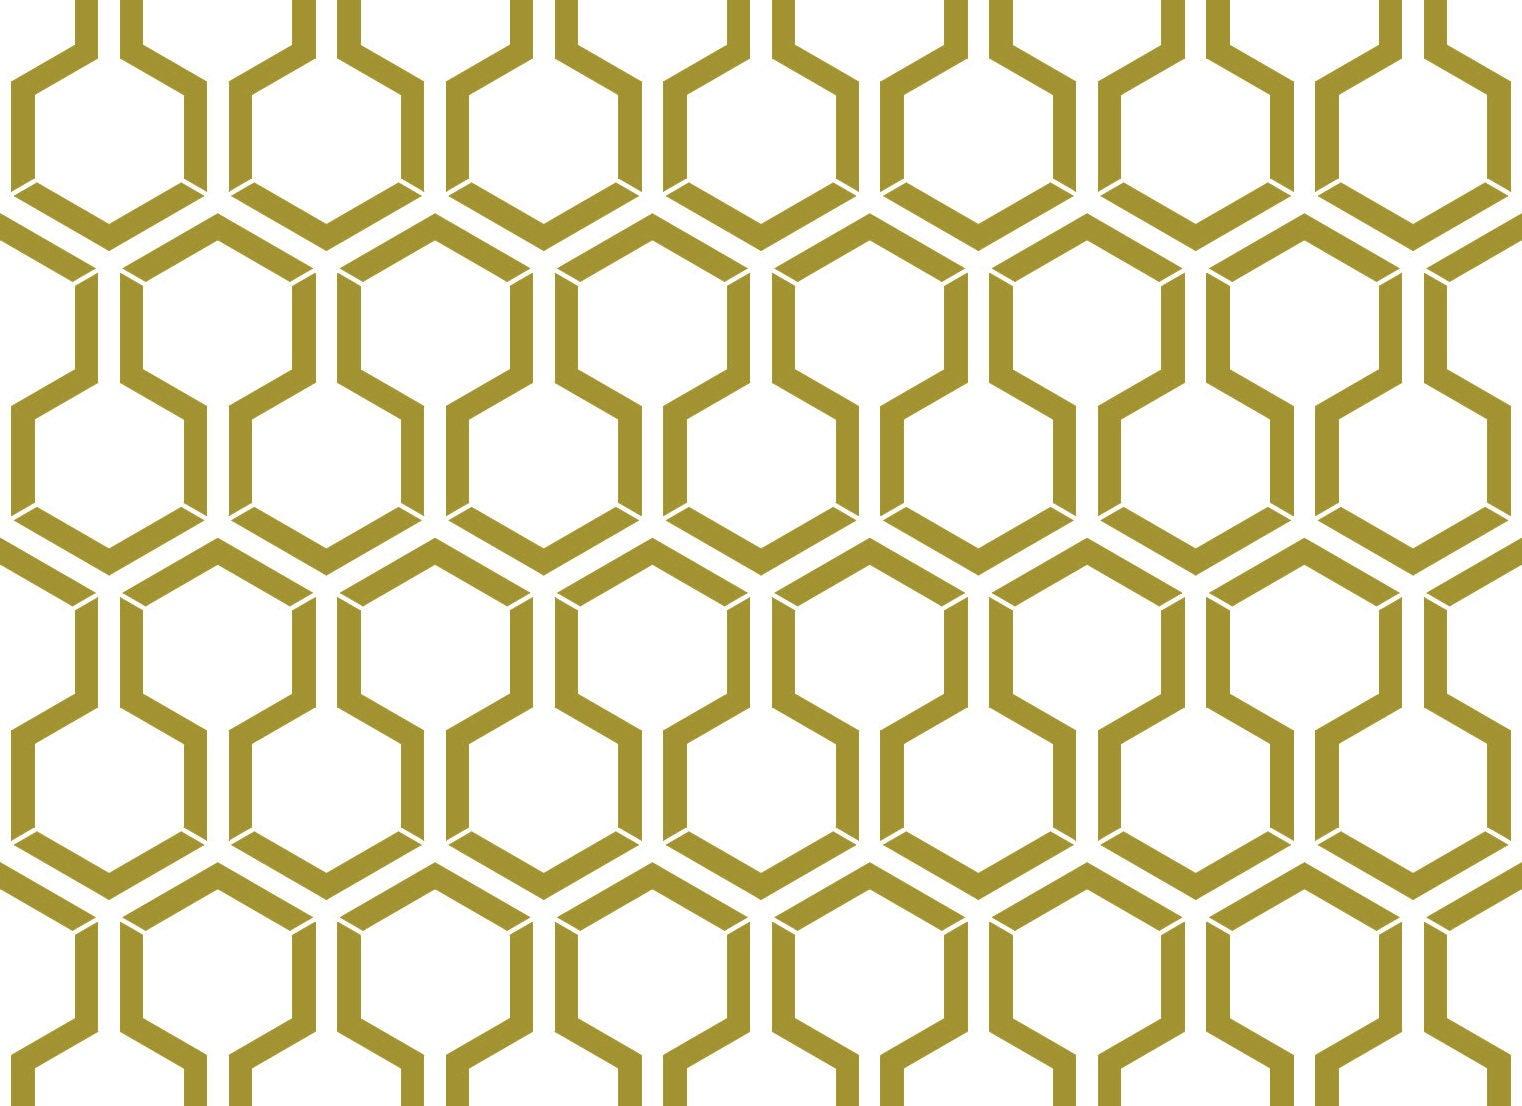 Honeycomb Stencil, Large Wall Stencil, Furniture Stencil, Wall ...